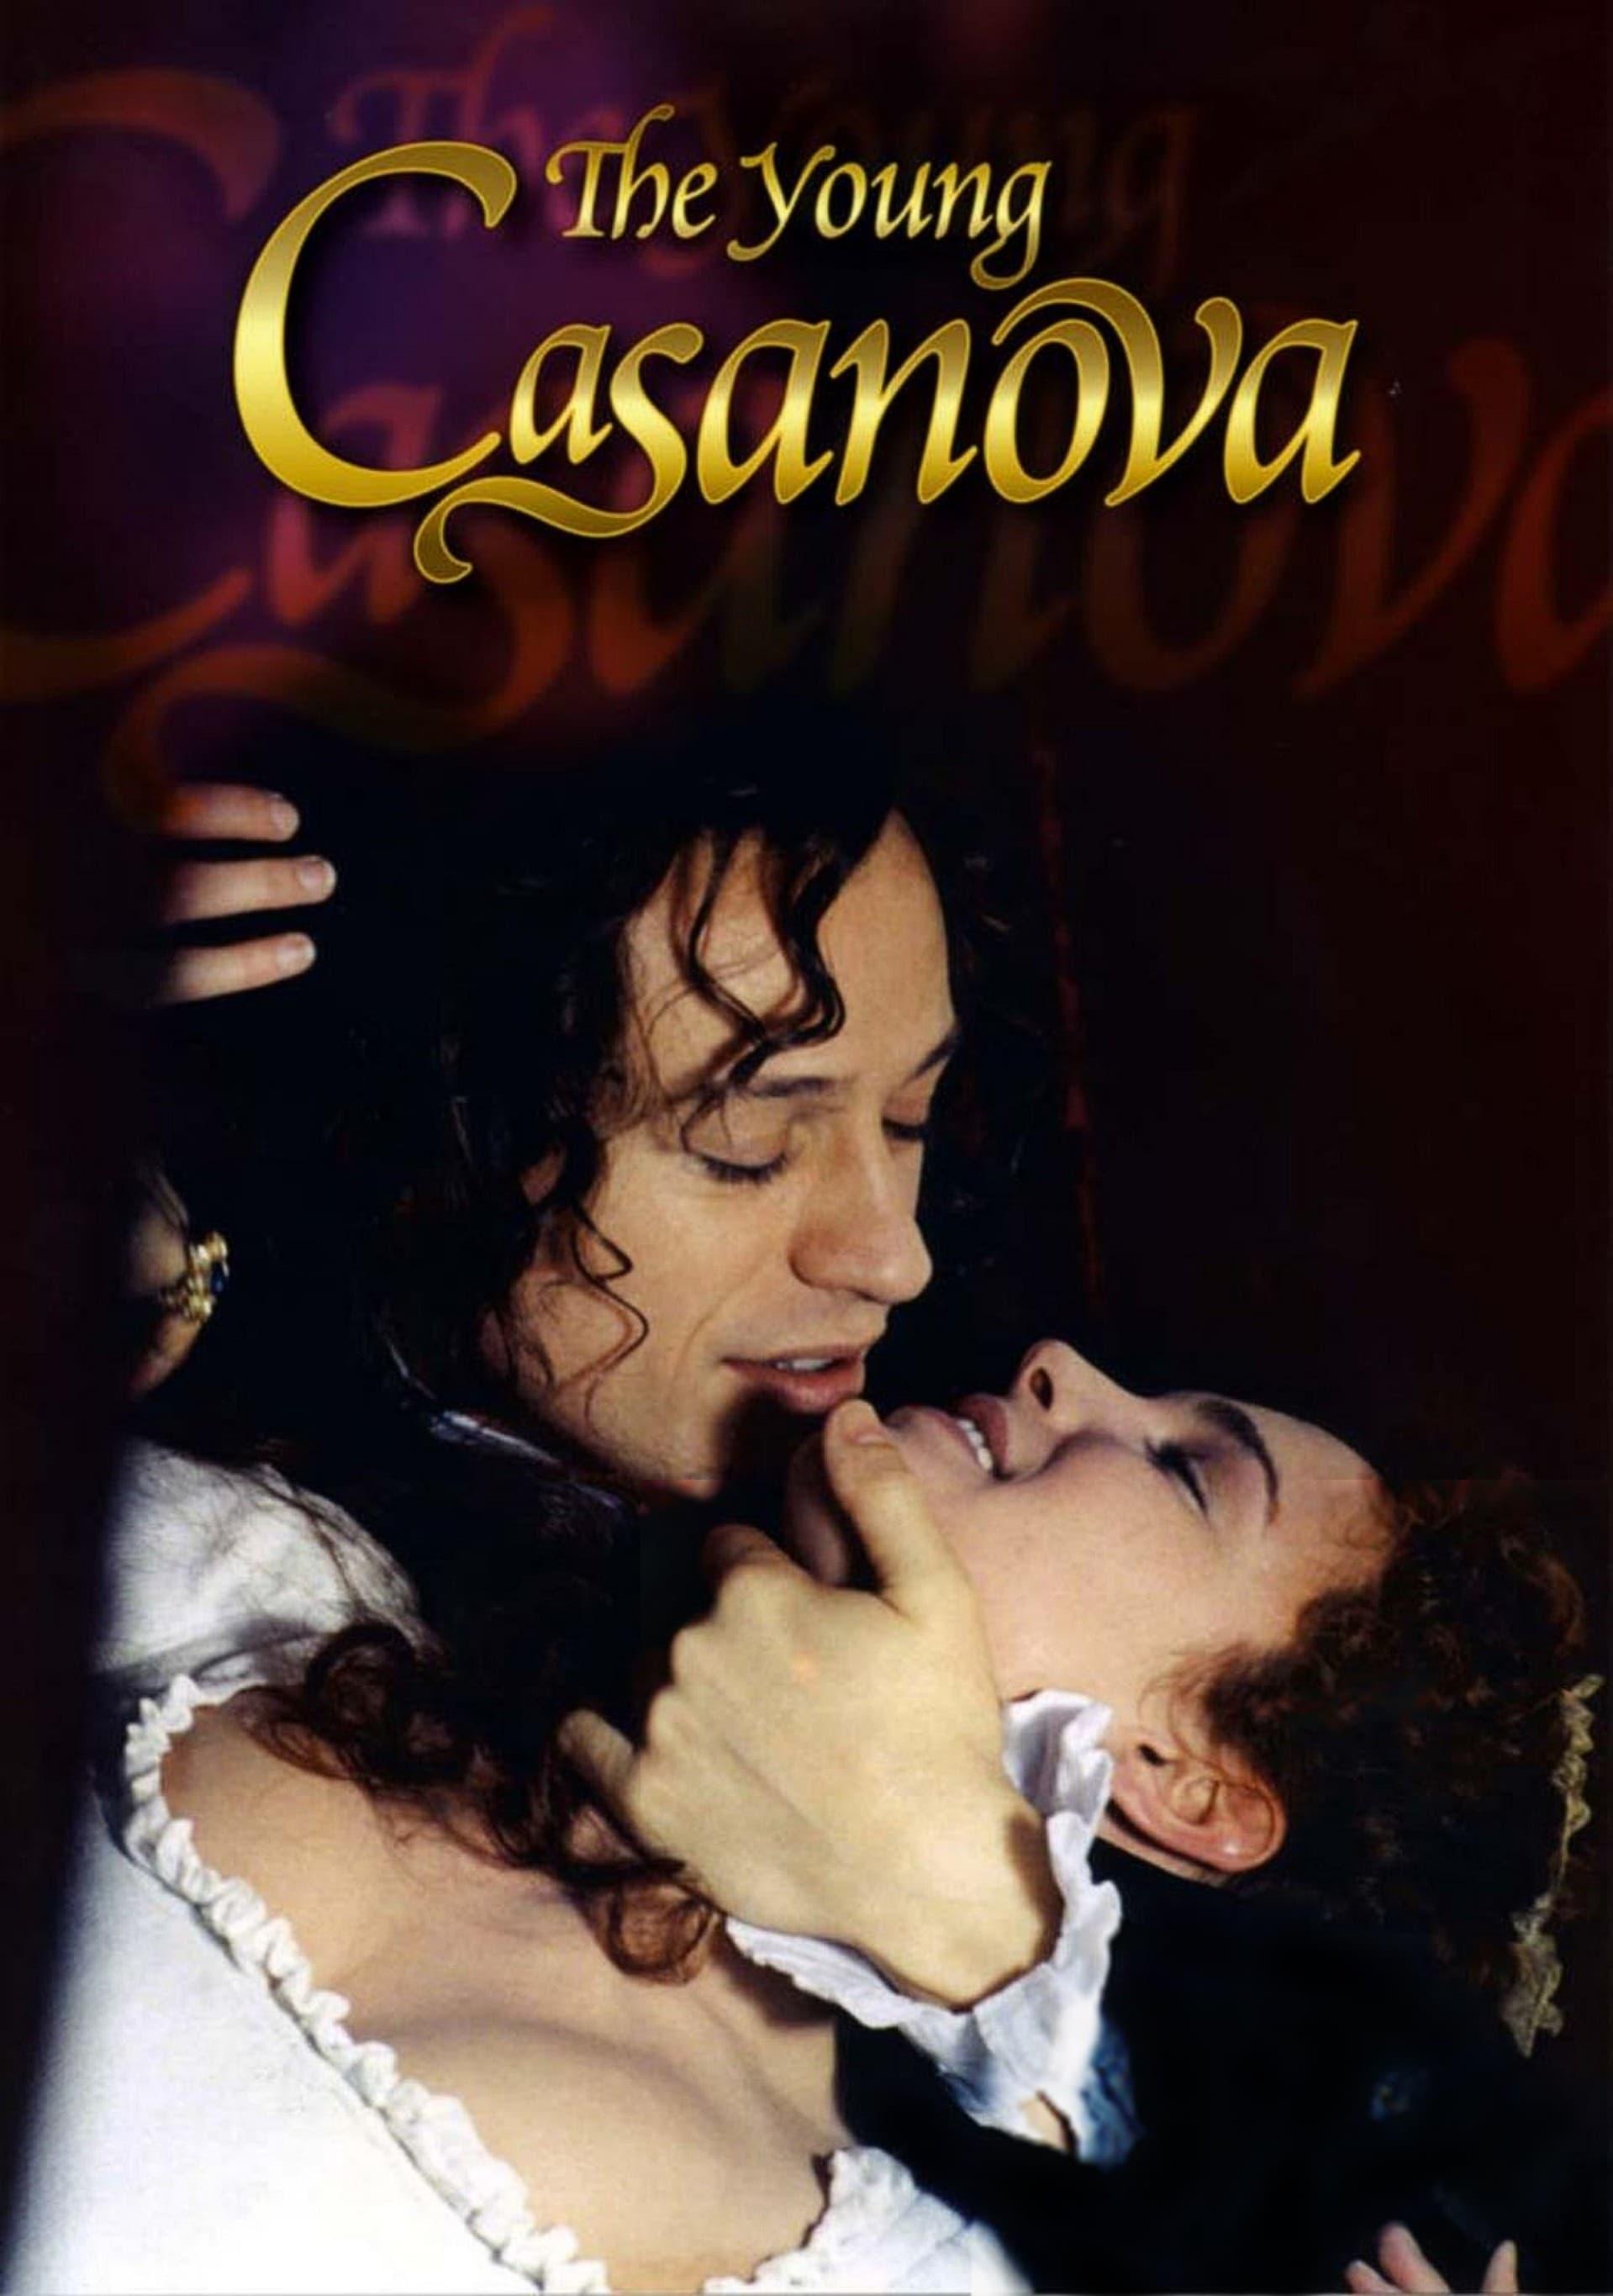 The Young Casanova (2002)